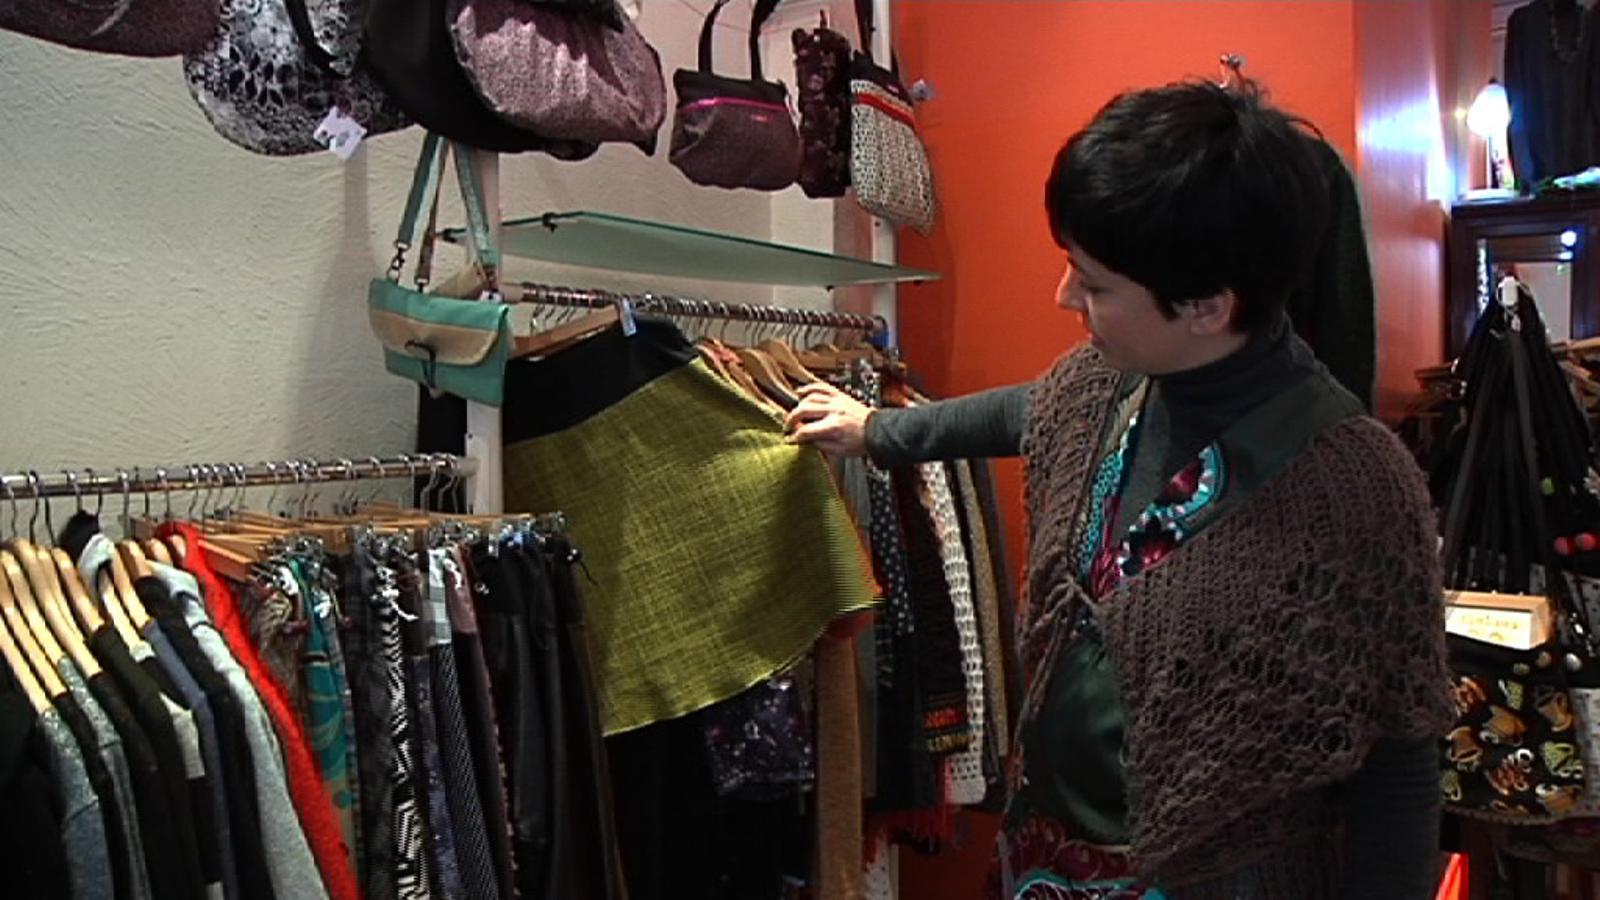 ARA Emprèn: Visitem la botiga Bulbo a Gràcia